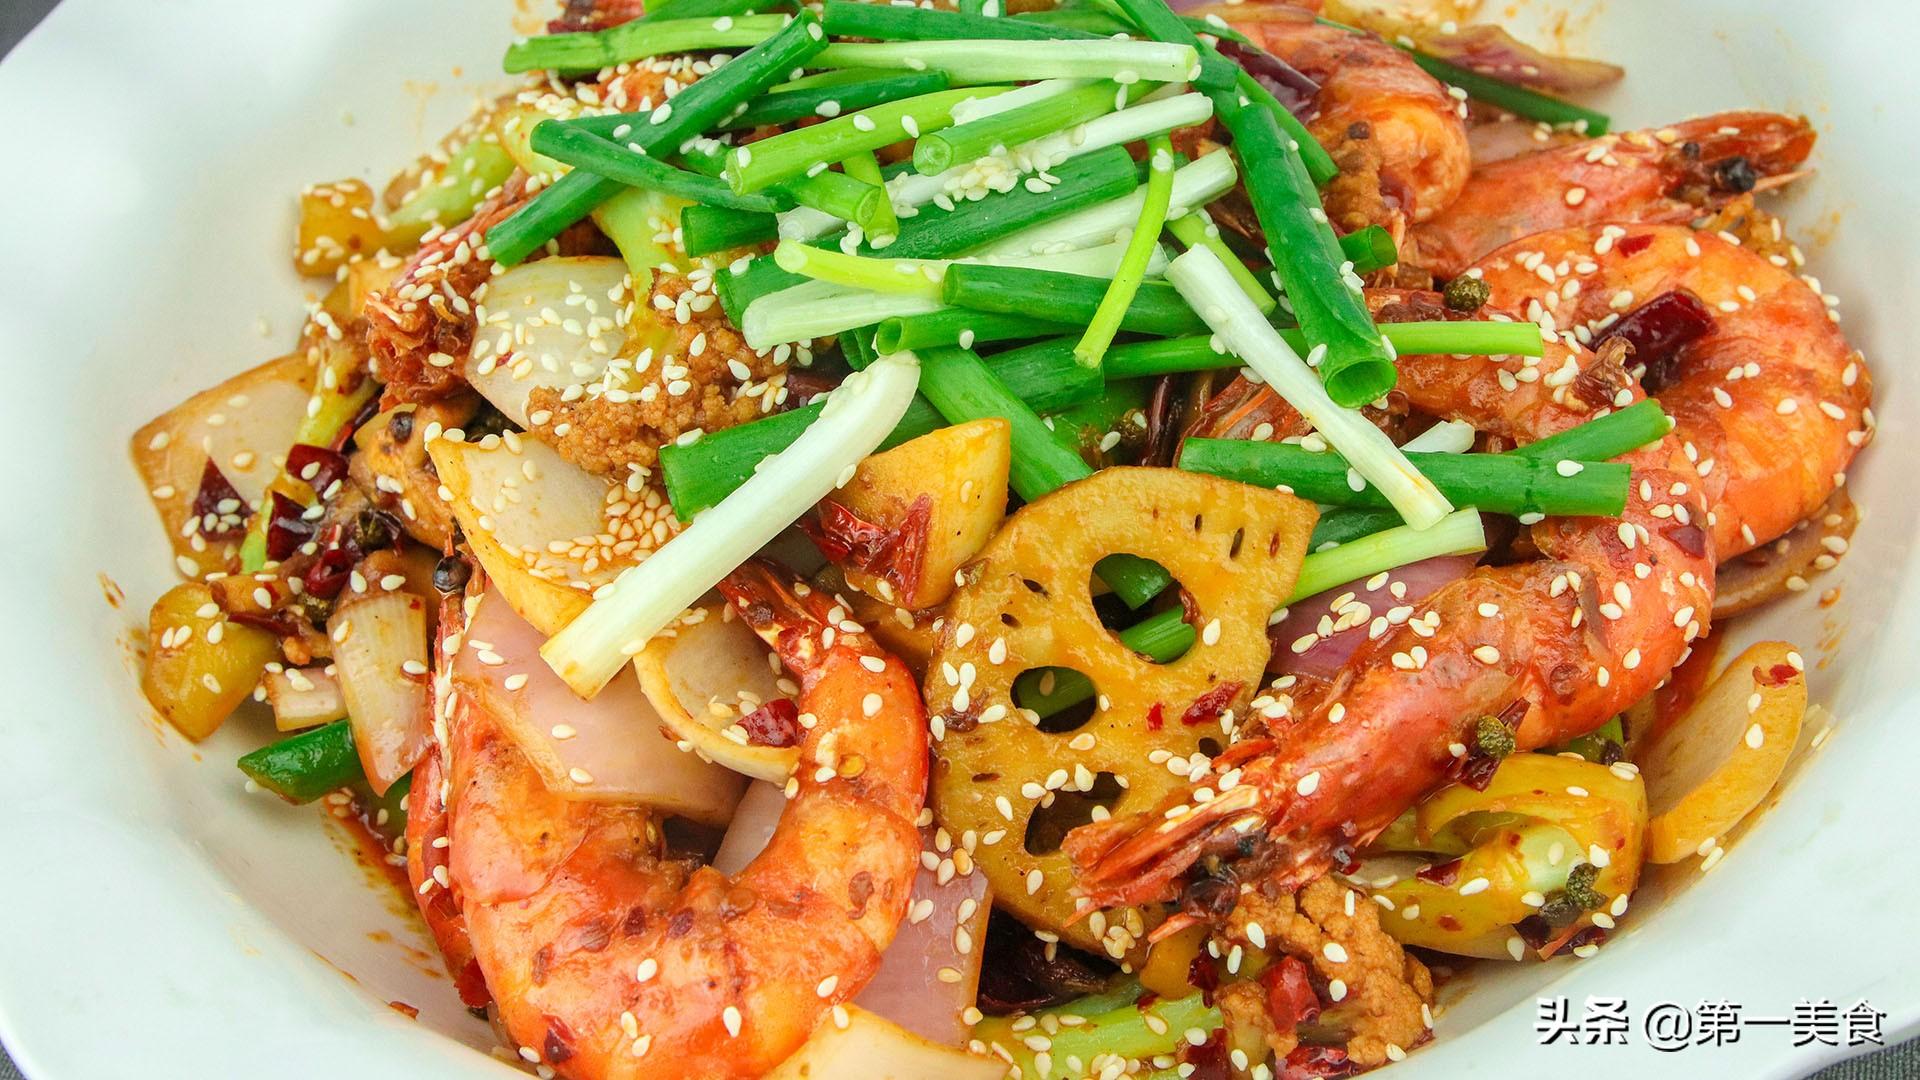 麻辣香锅怎么做才好吃,原来这么简单,学会这个技巧,色泽鲜艳 第1张